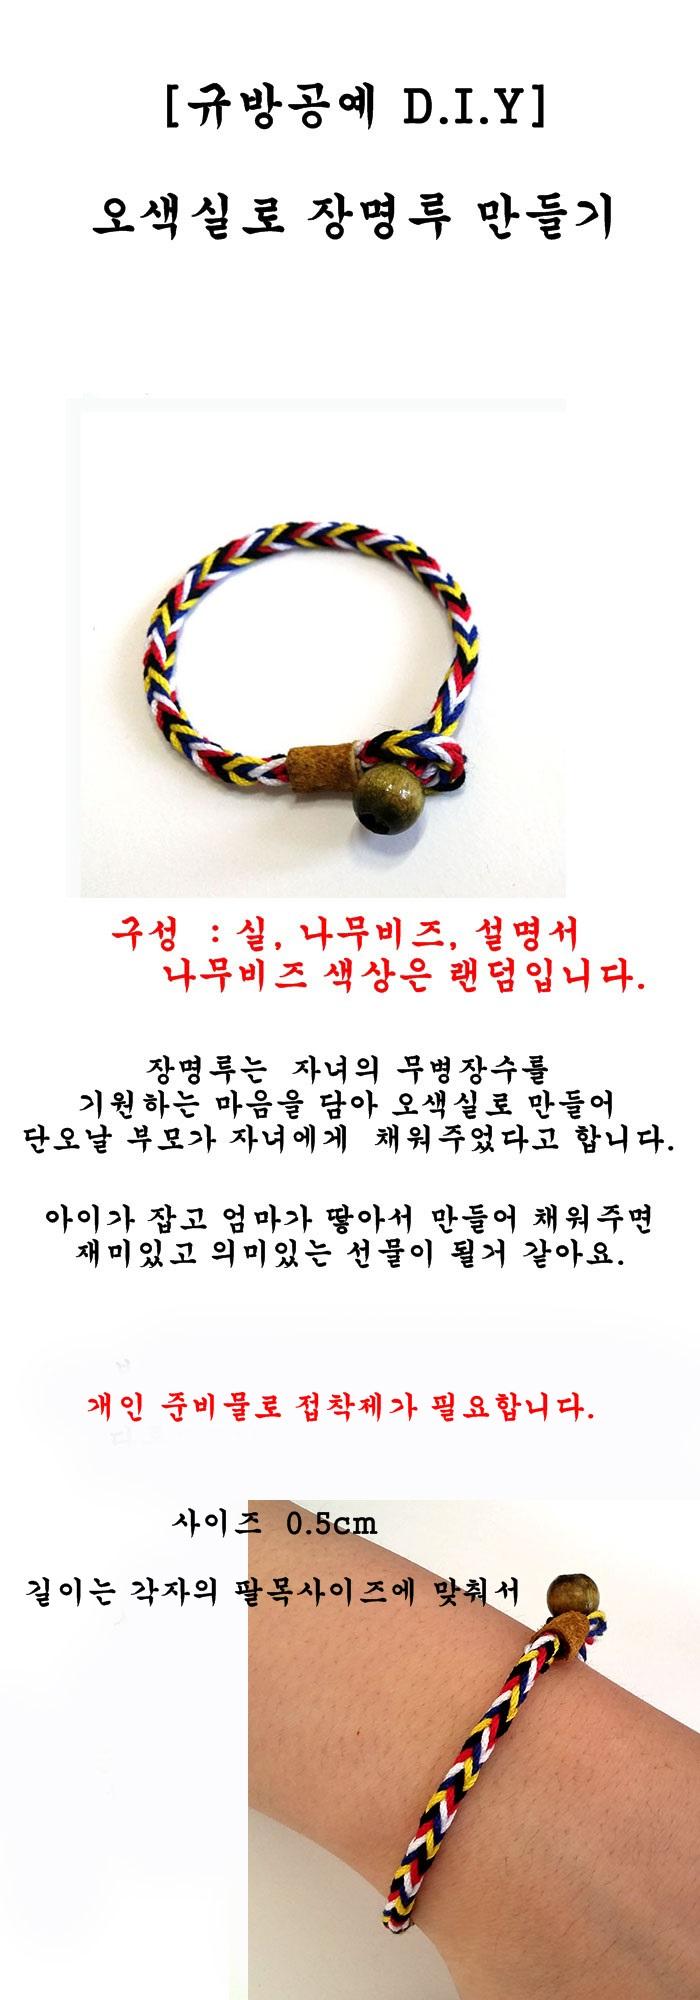 (규방공예 d.i.y) 장명루 만들기 - 마마후, 4,000원, 전통/염색공예, 장신구/매듭 패키지